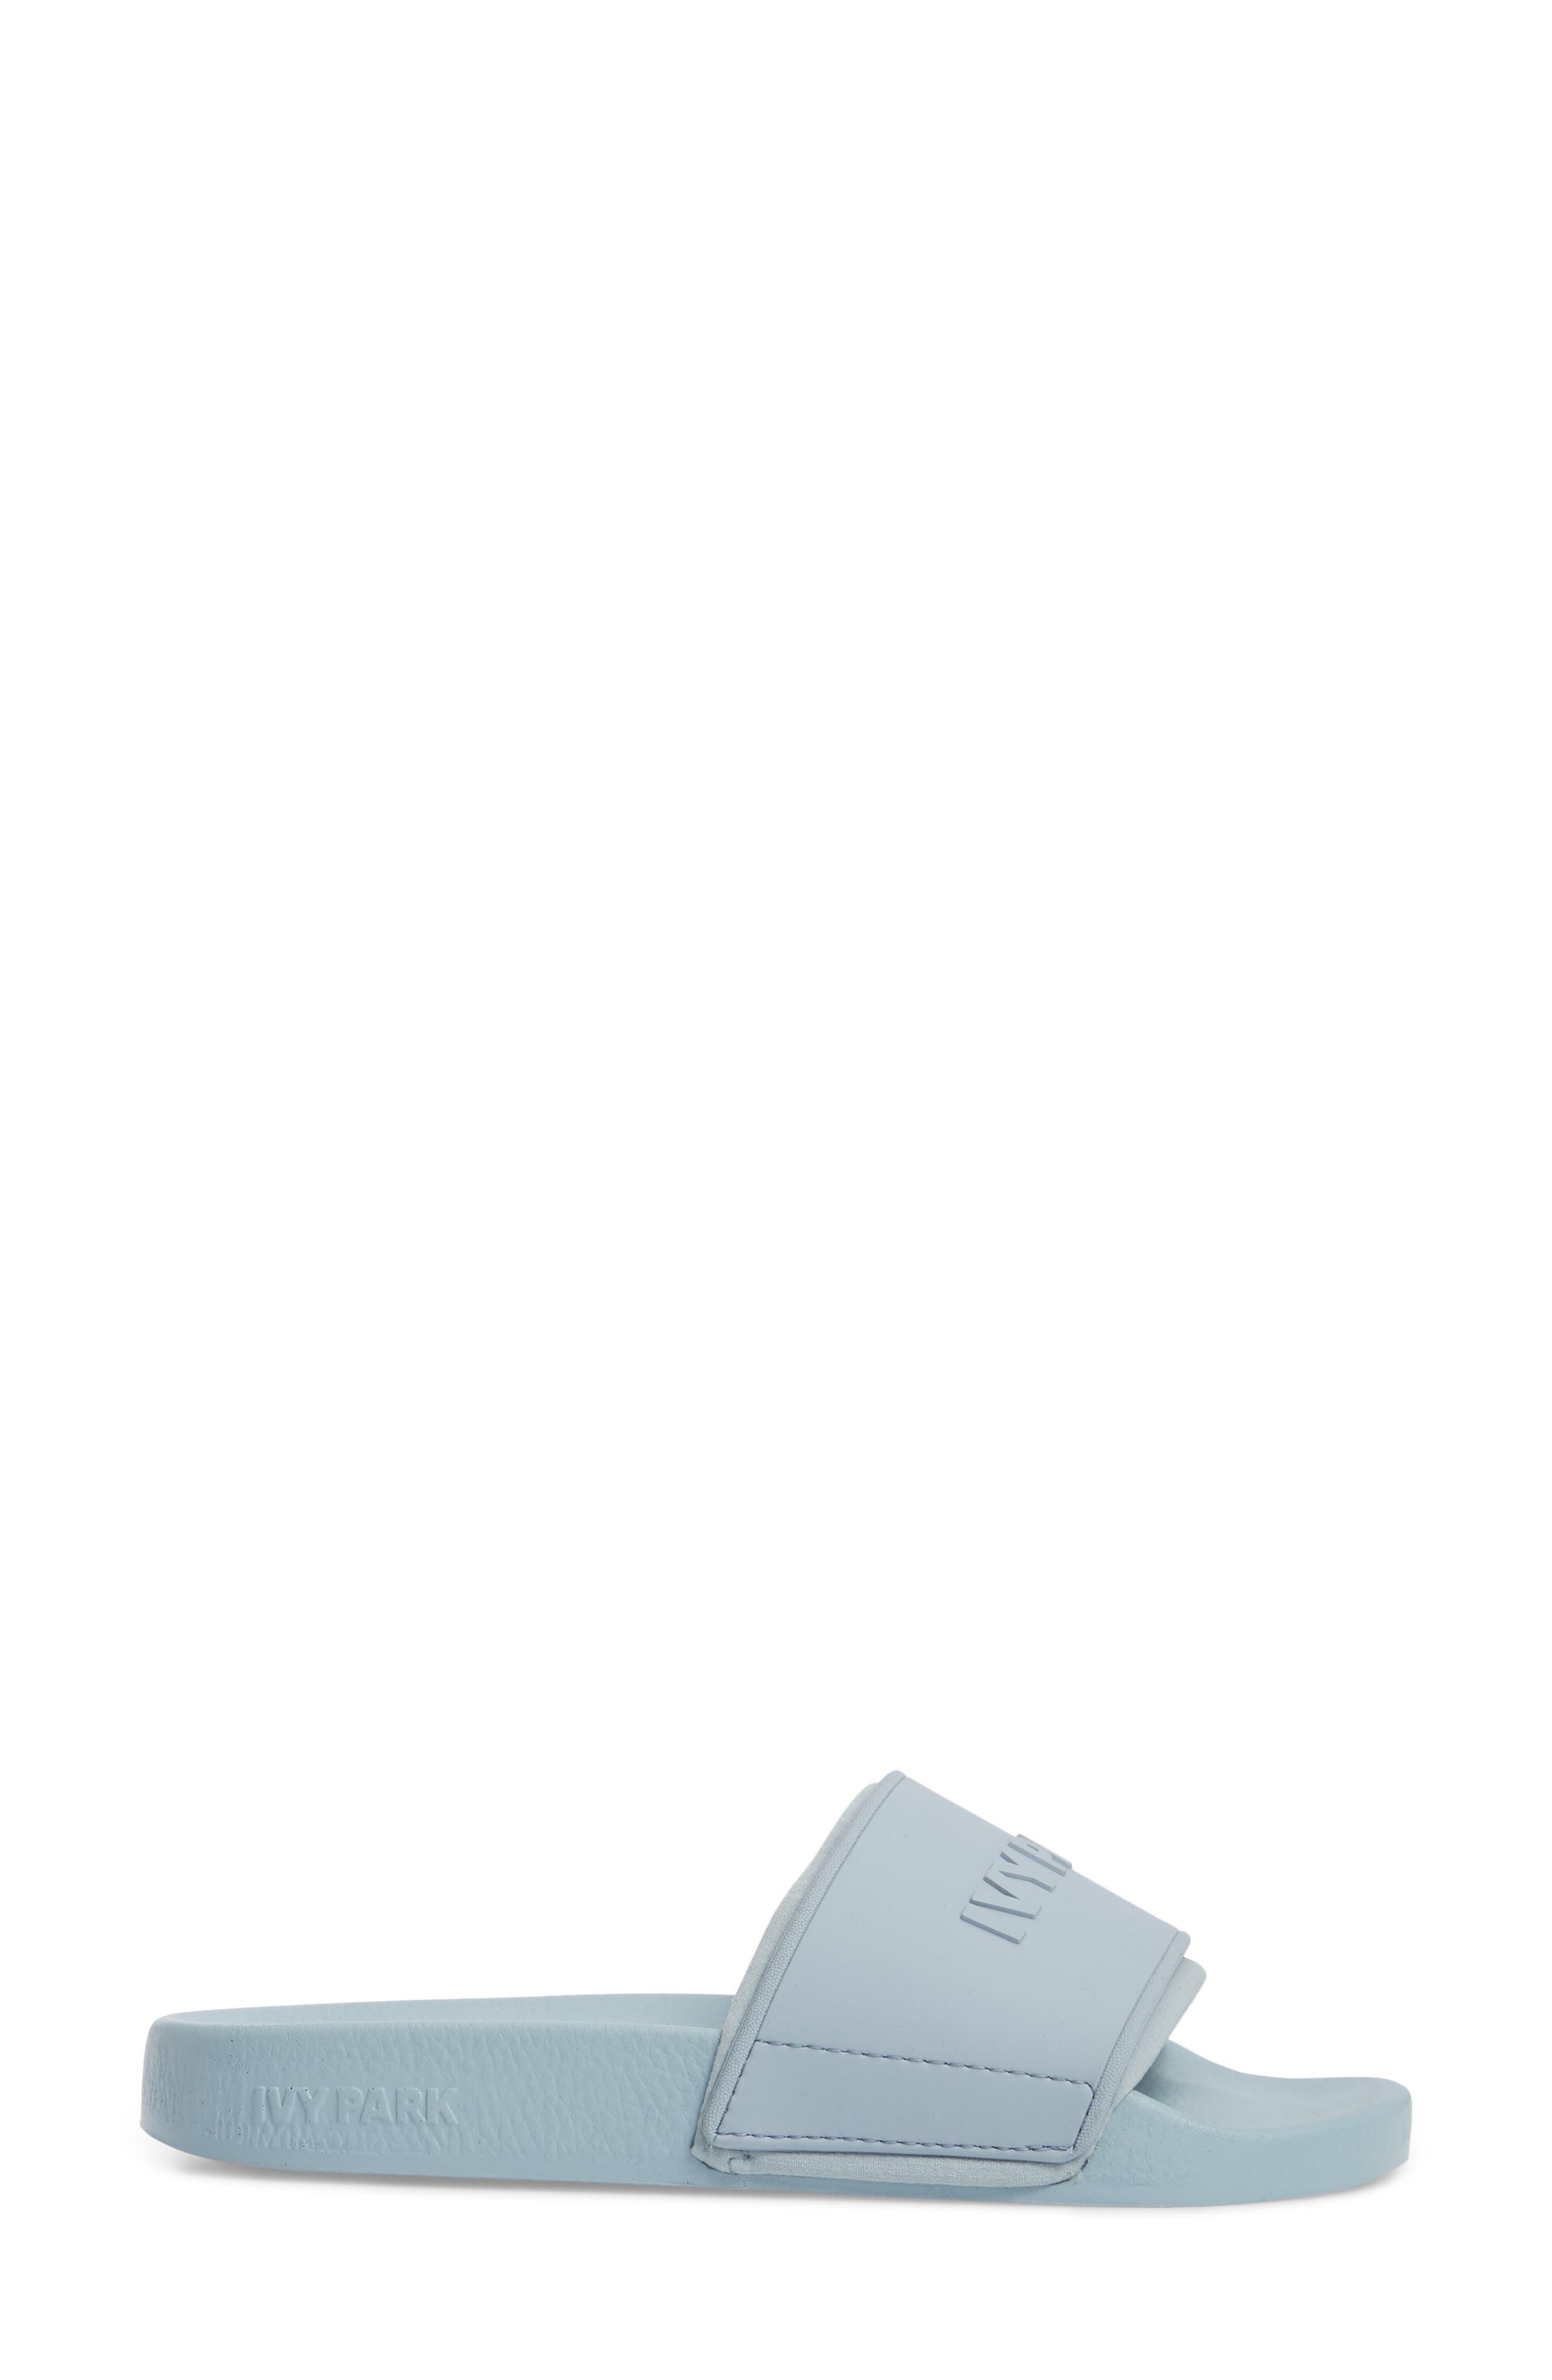 Alternate Image 3  - IVY PARK® Embossed Neoprene Lined Slide Sandal (Women)